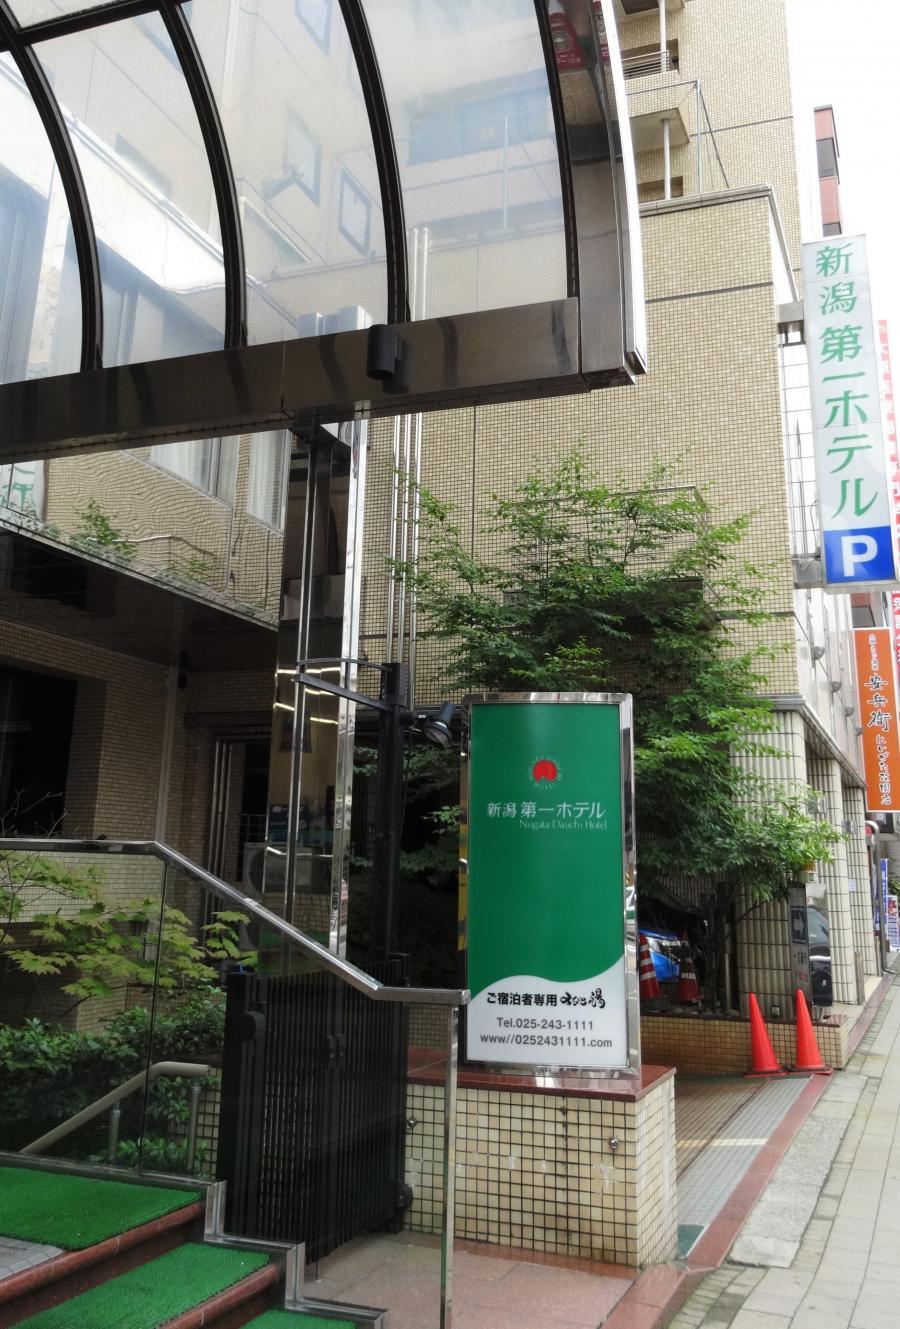 一 新潟 ホテル 第